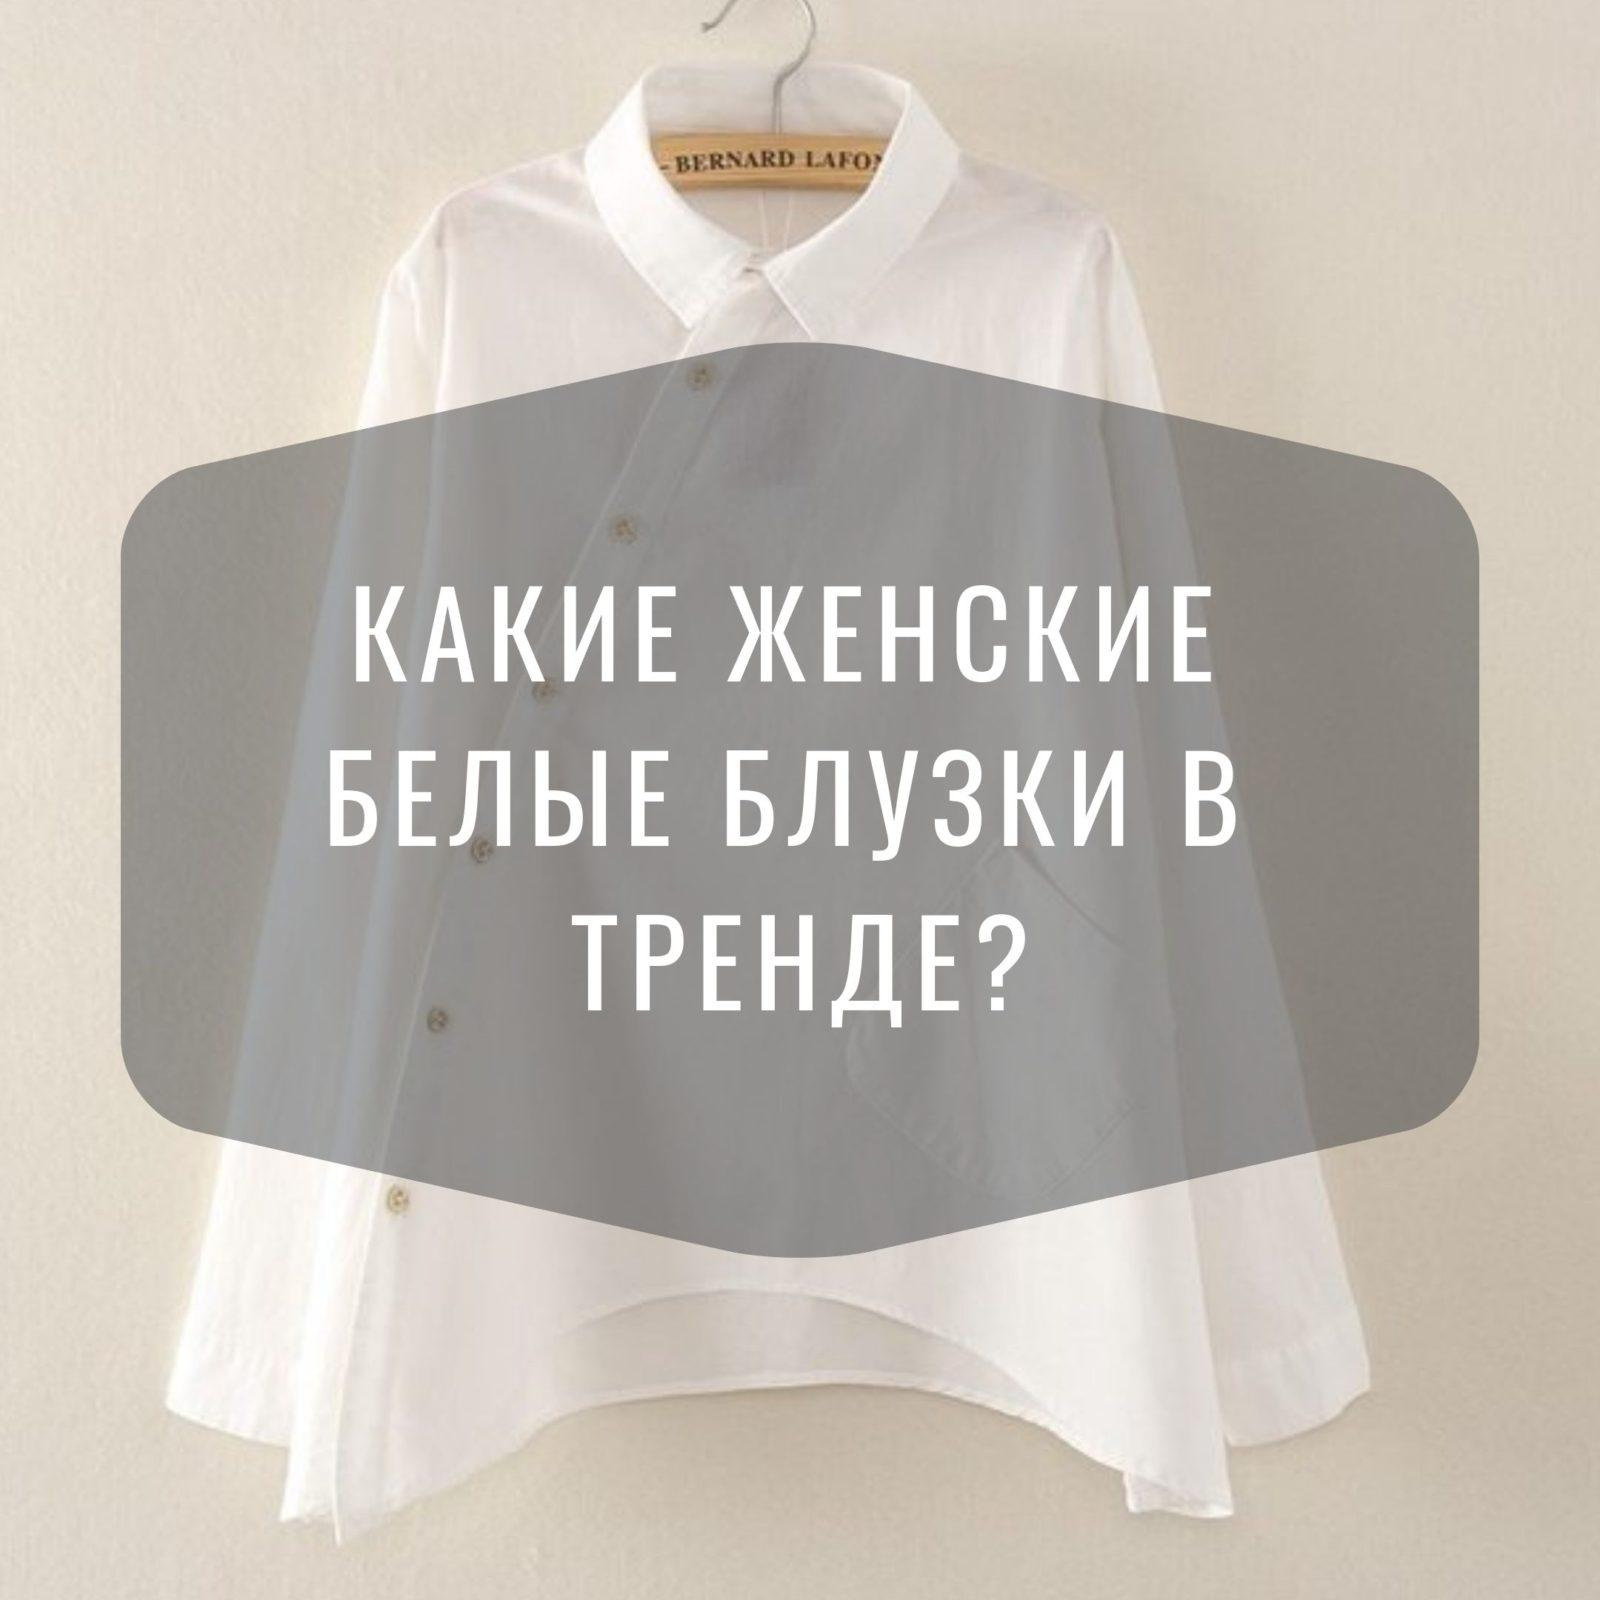 Белая блузка: микс красоты и роскоши